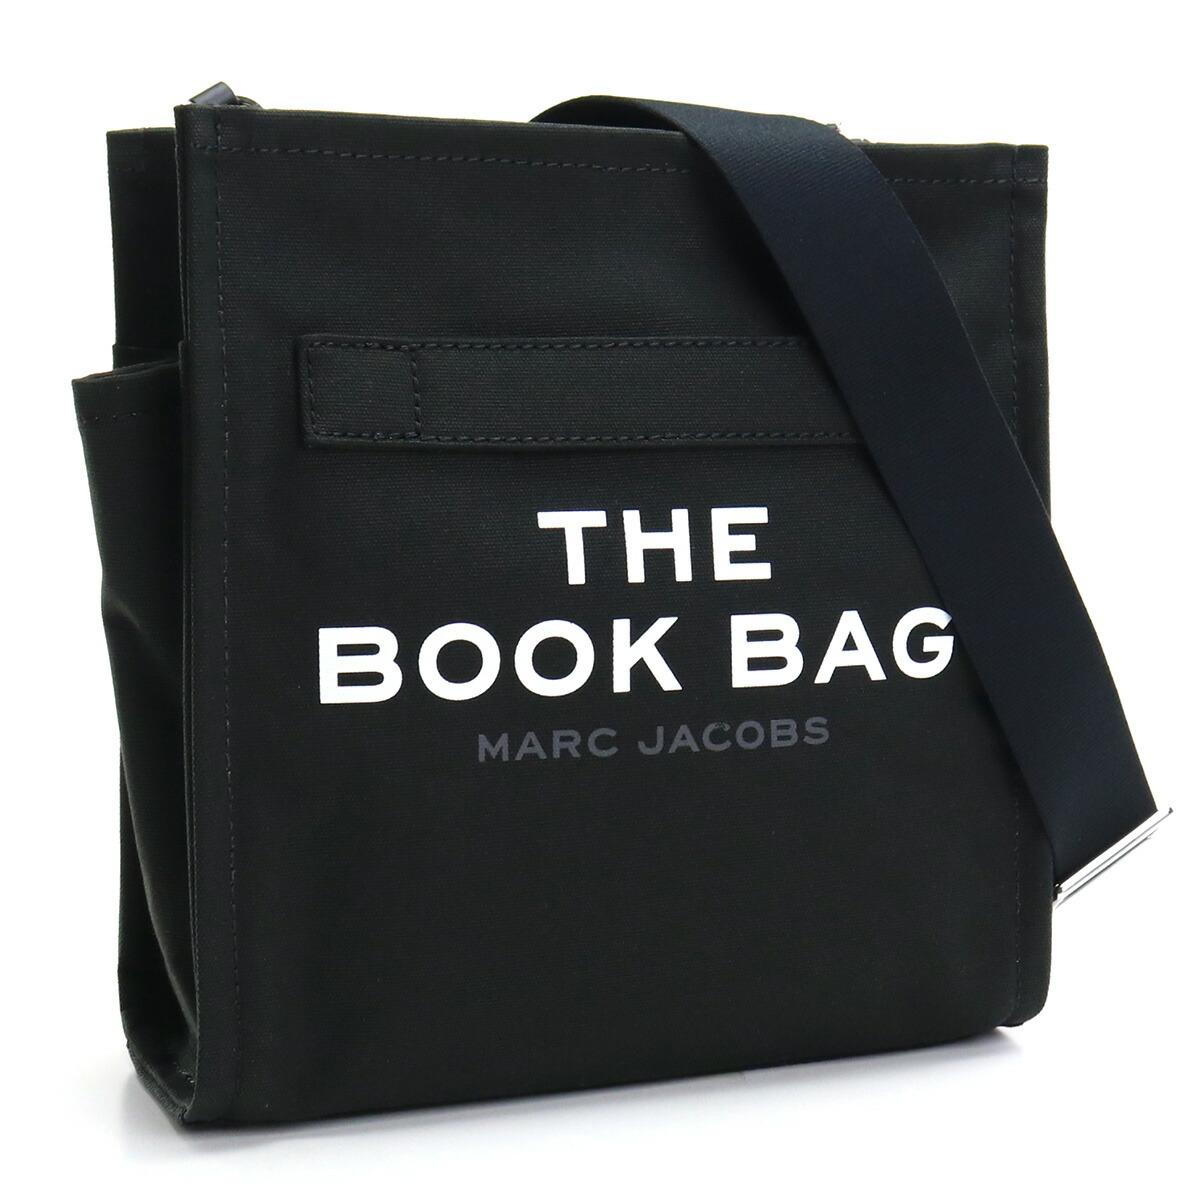 マーク・ジェイコブス MARC JACOBS THE BOOK BAG 斜め掛け ショルダーバッグ ブランドバッグ M0017047 001 BLACK ブラック